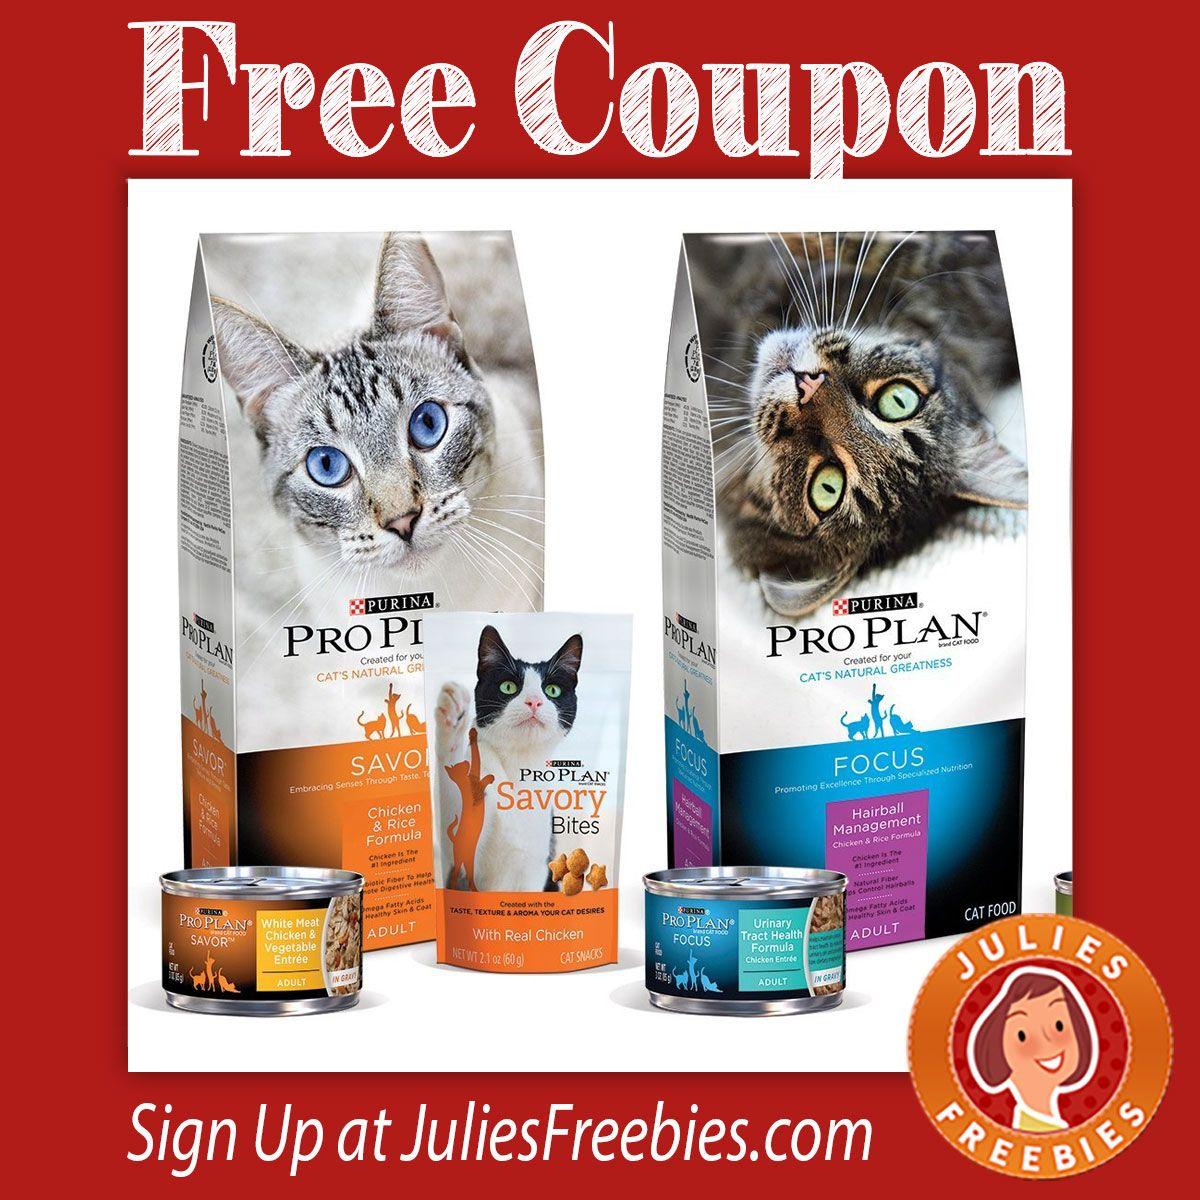 Free 5 Off Purina Pro Plan Cat Food Coupon Julie S Freebies Cat Food Coupons Purina Pro Plan Purina